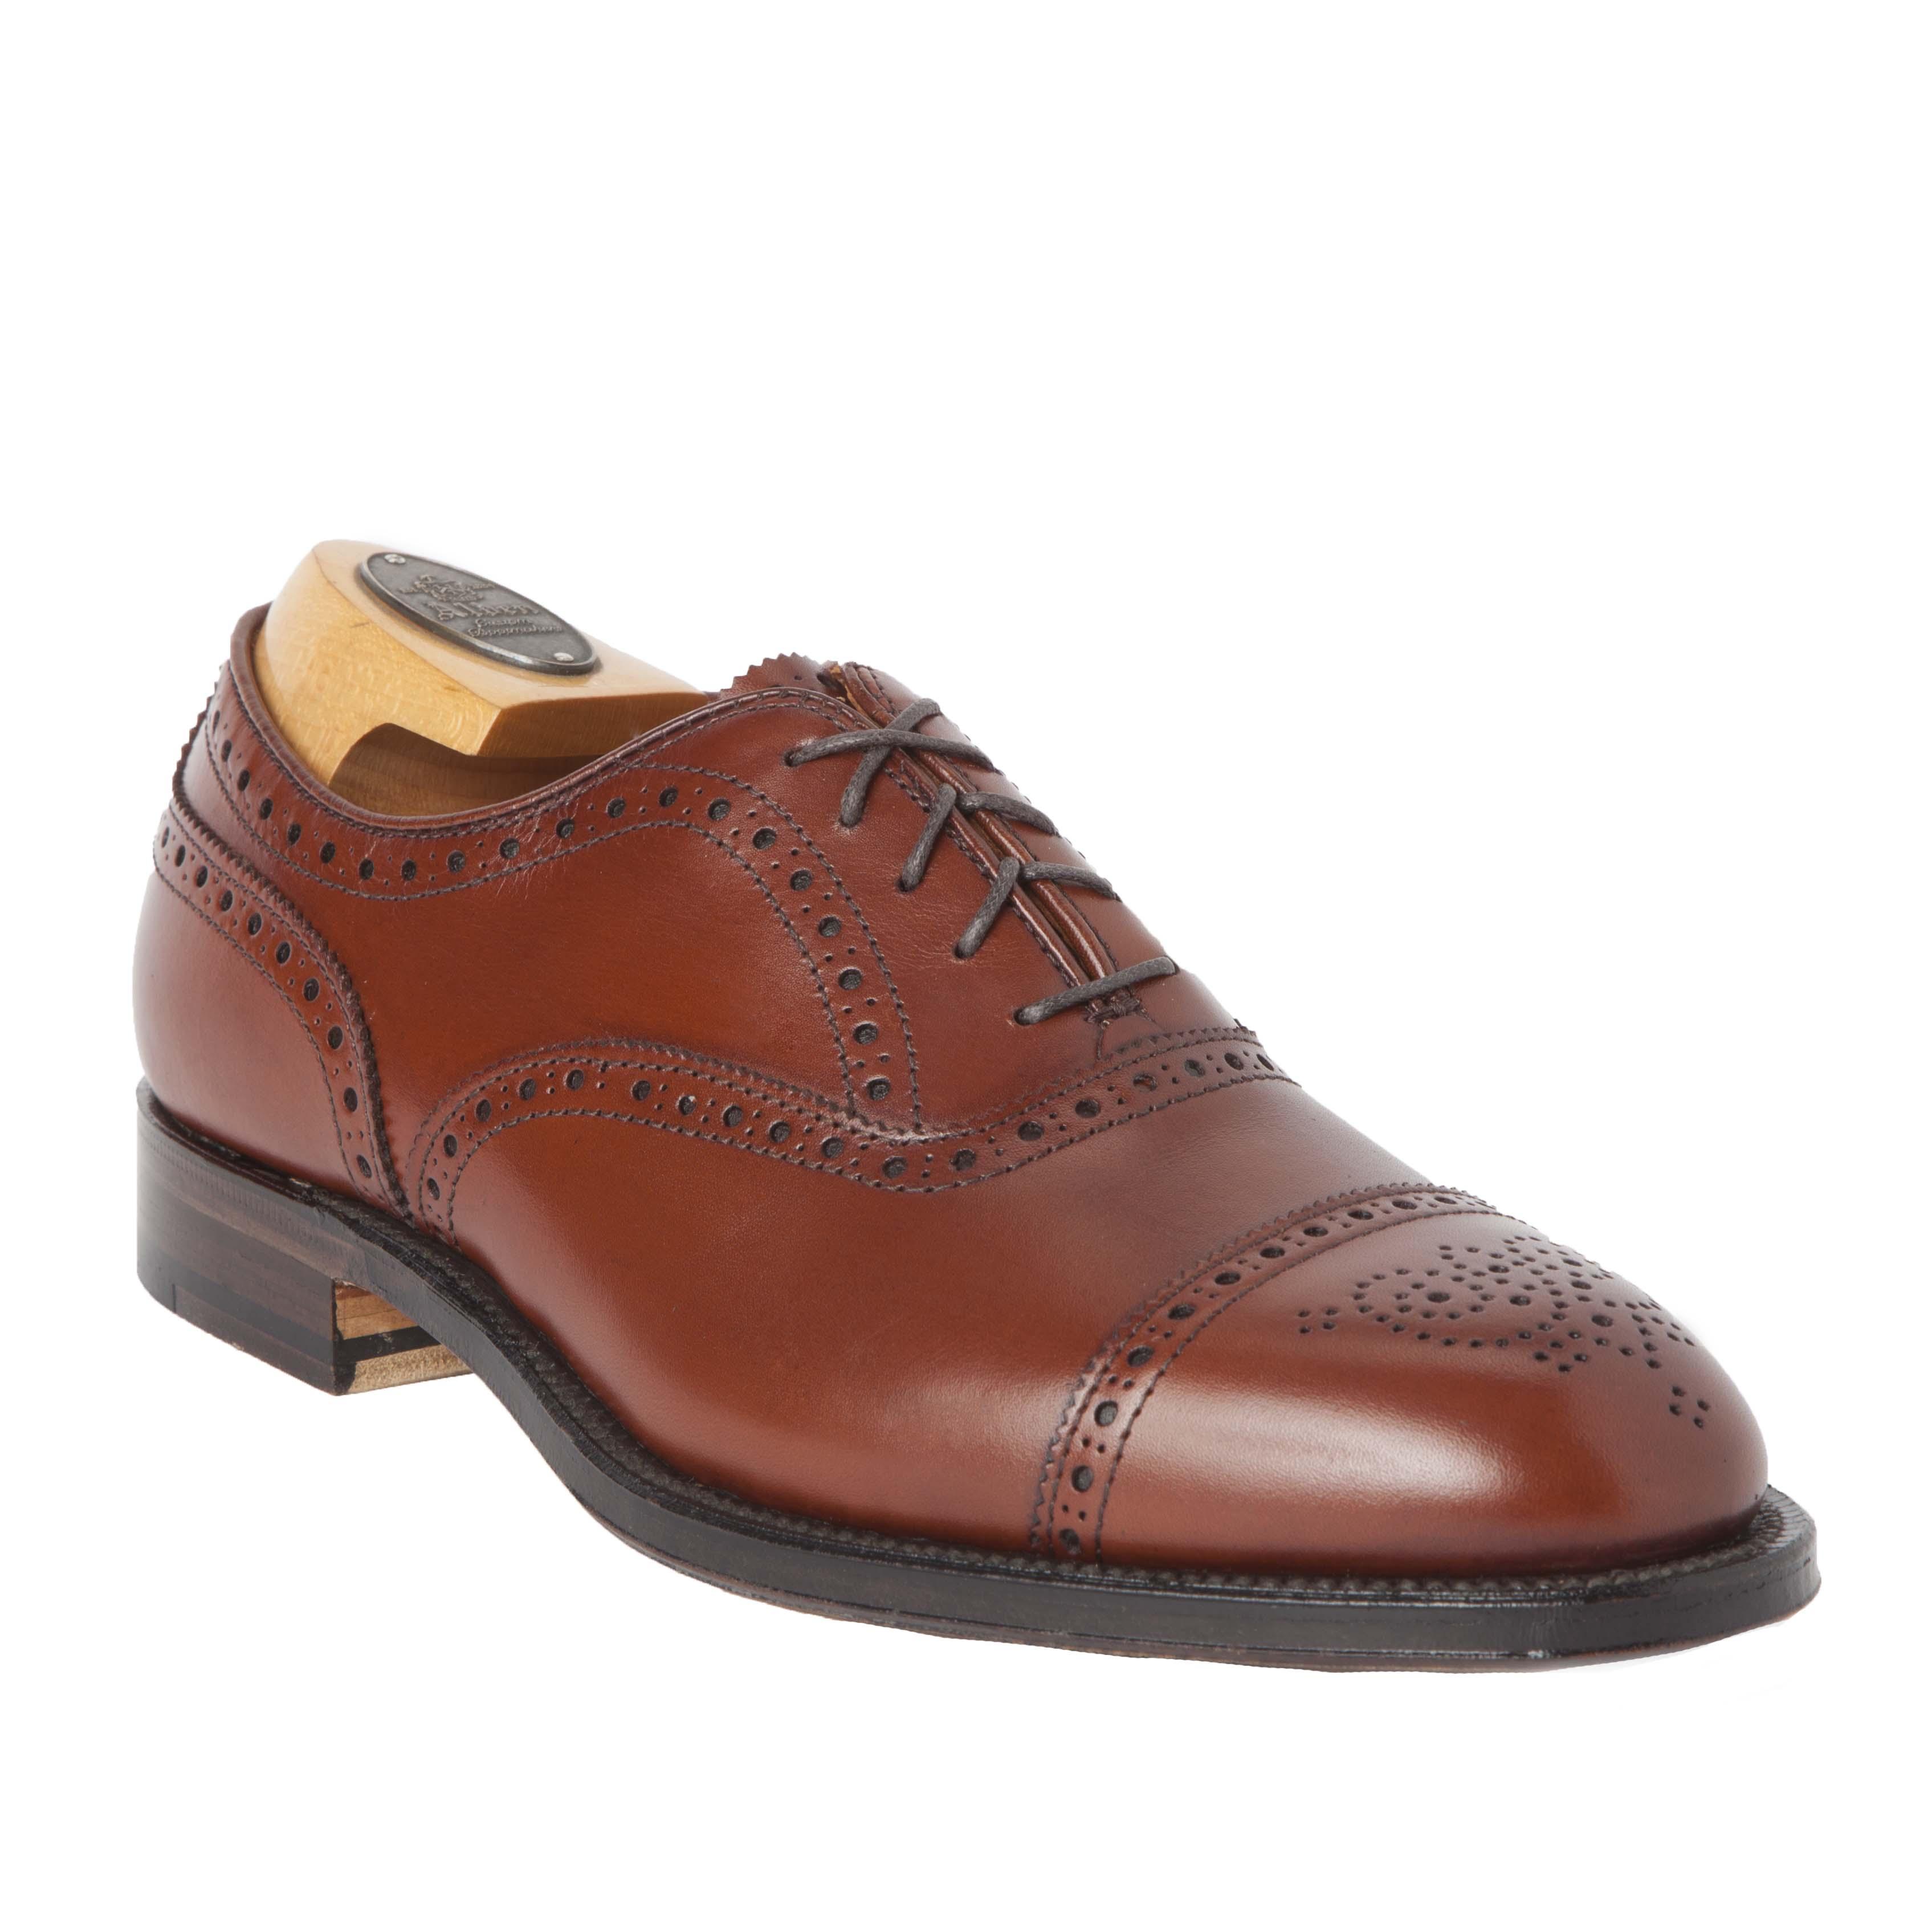 Alden Lace Up Dress Shoe